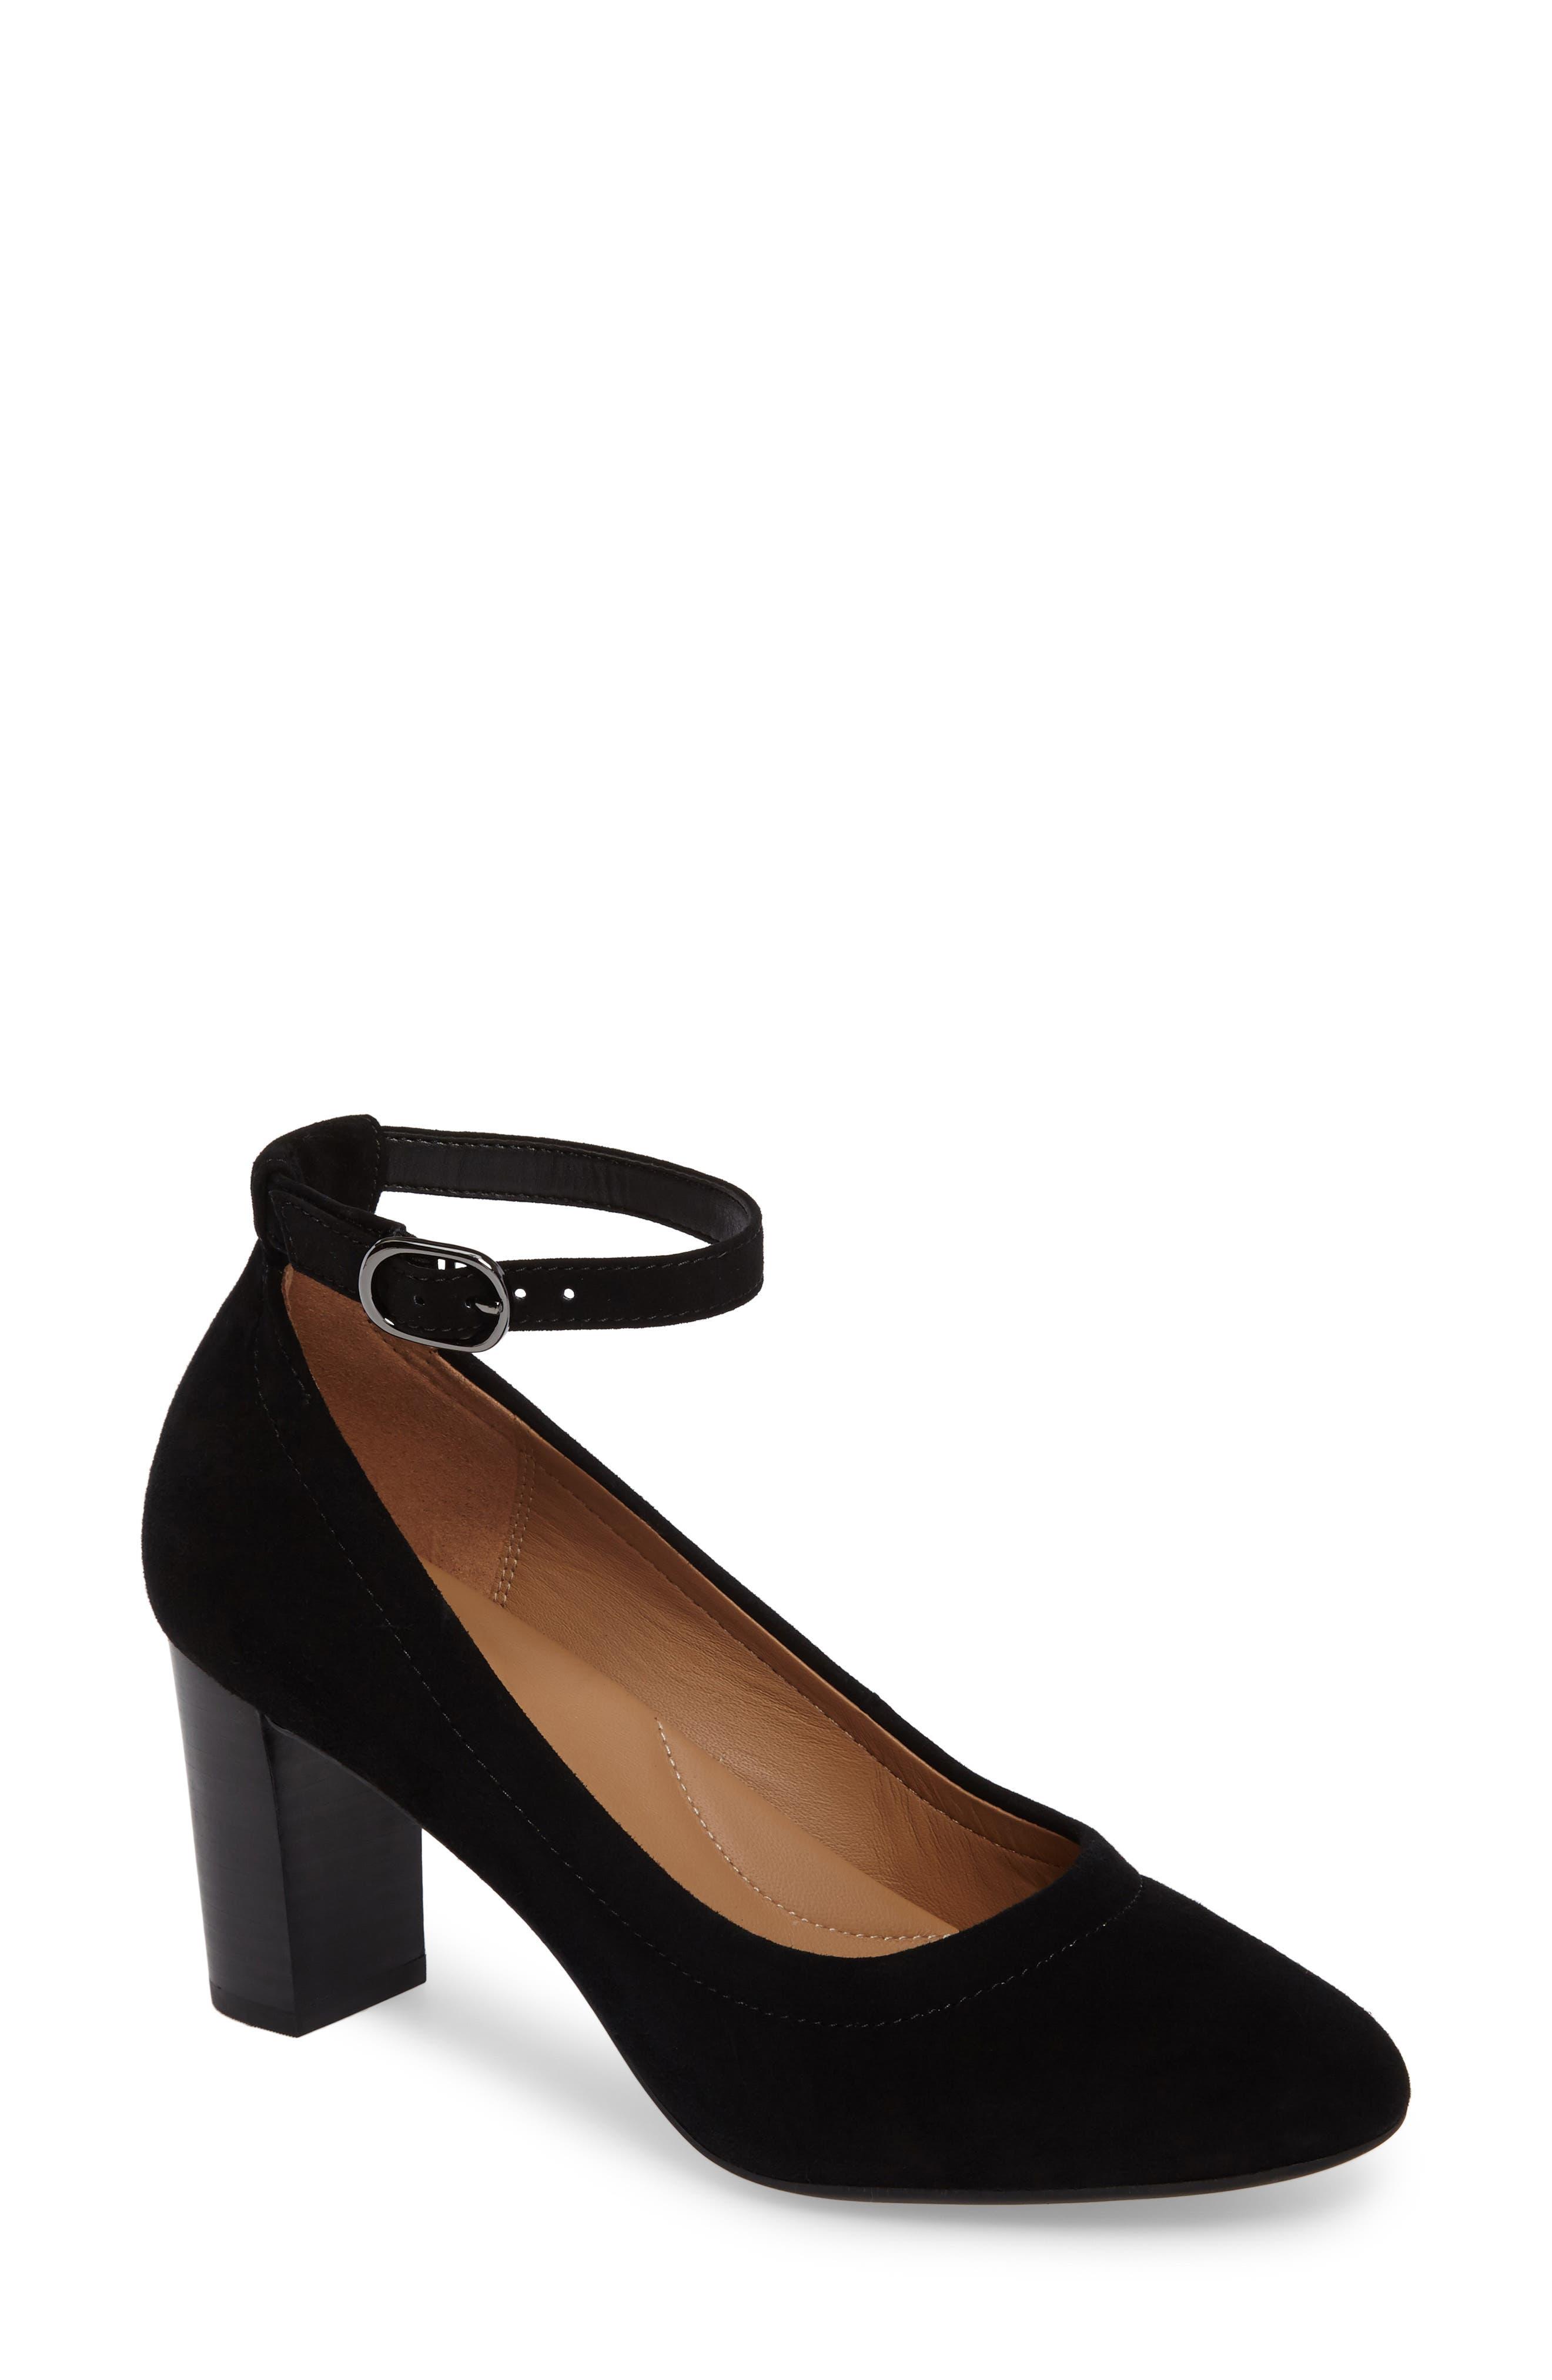 Chryssa Jana Ankle Strap Pump,                             Main thumbnail 1, color,                             Black Suede